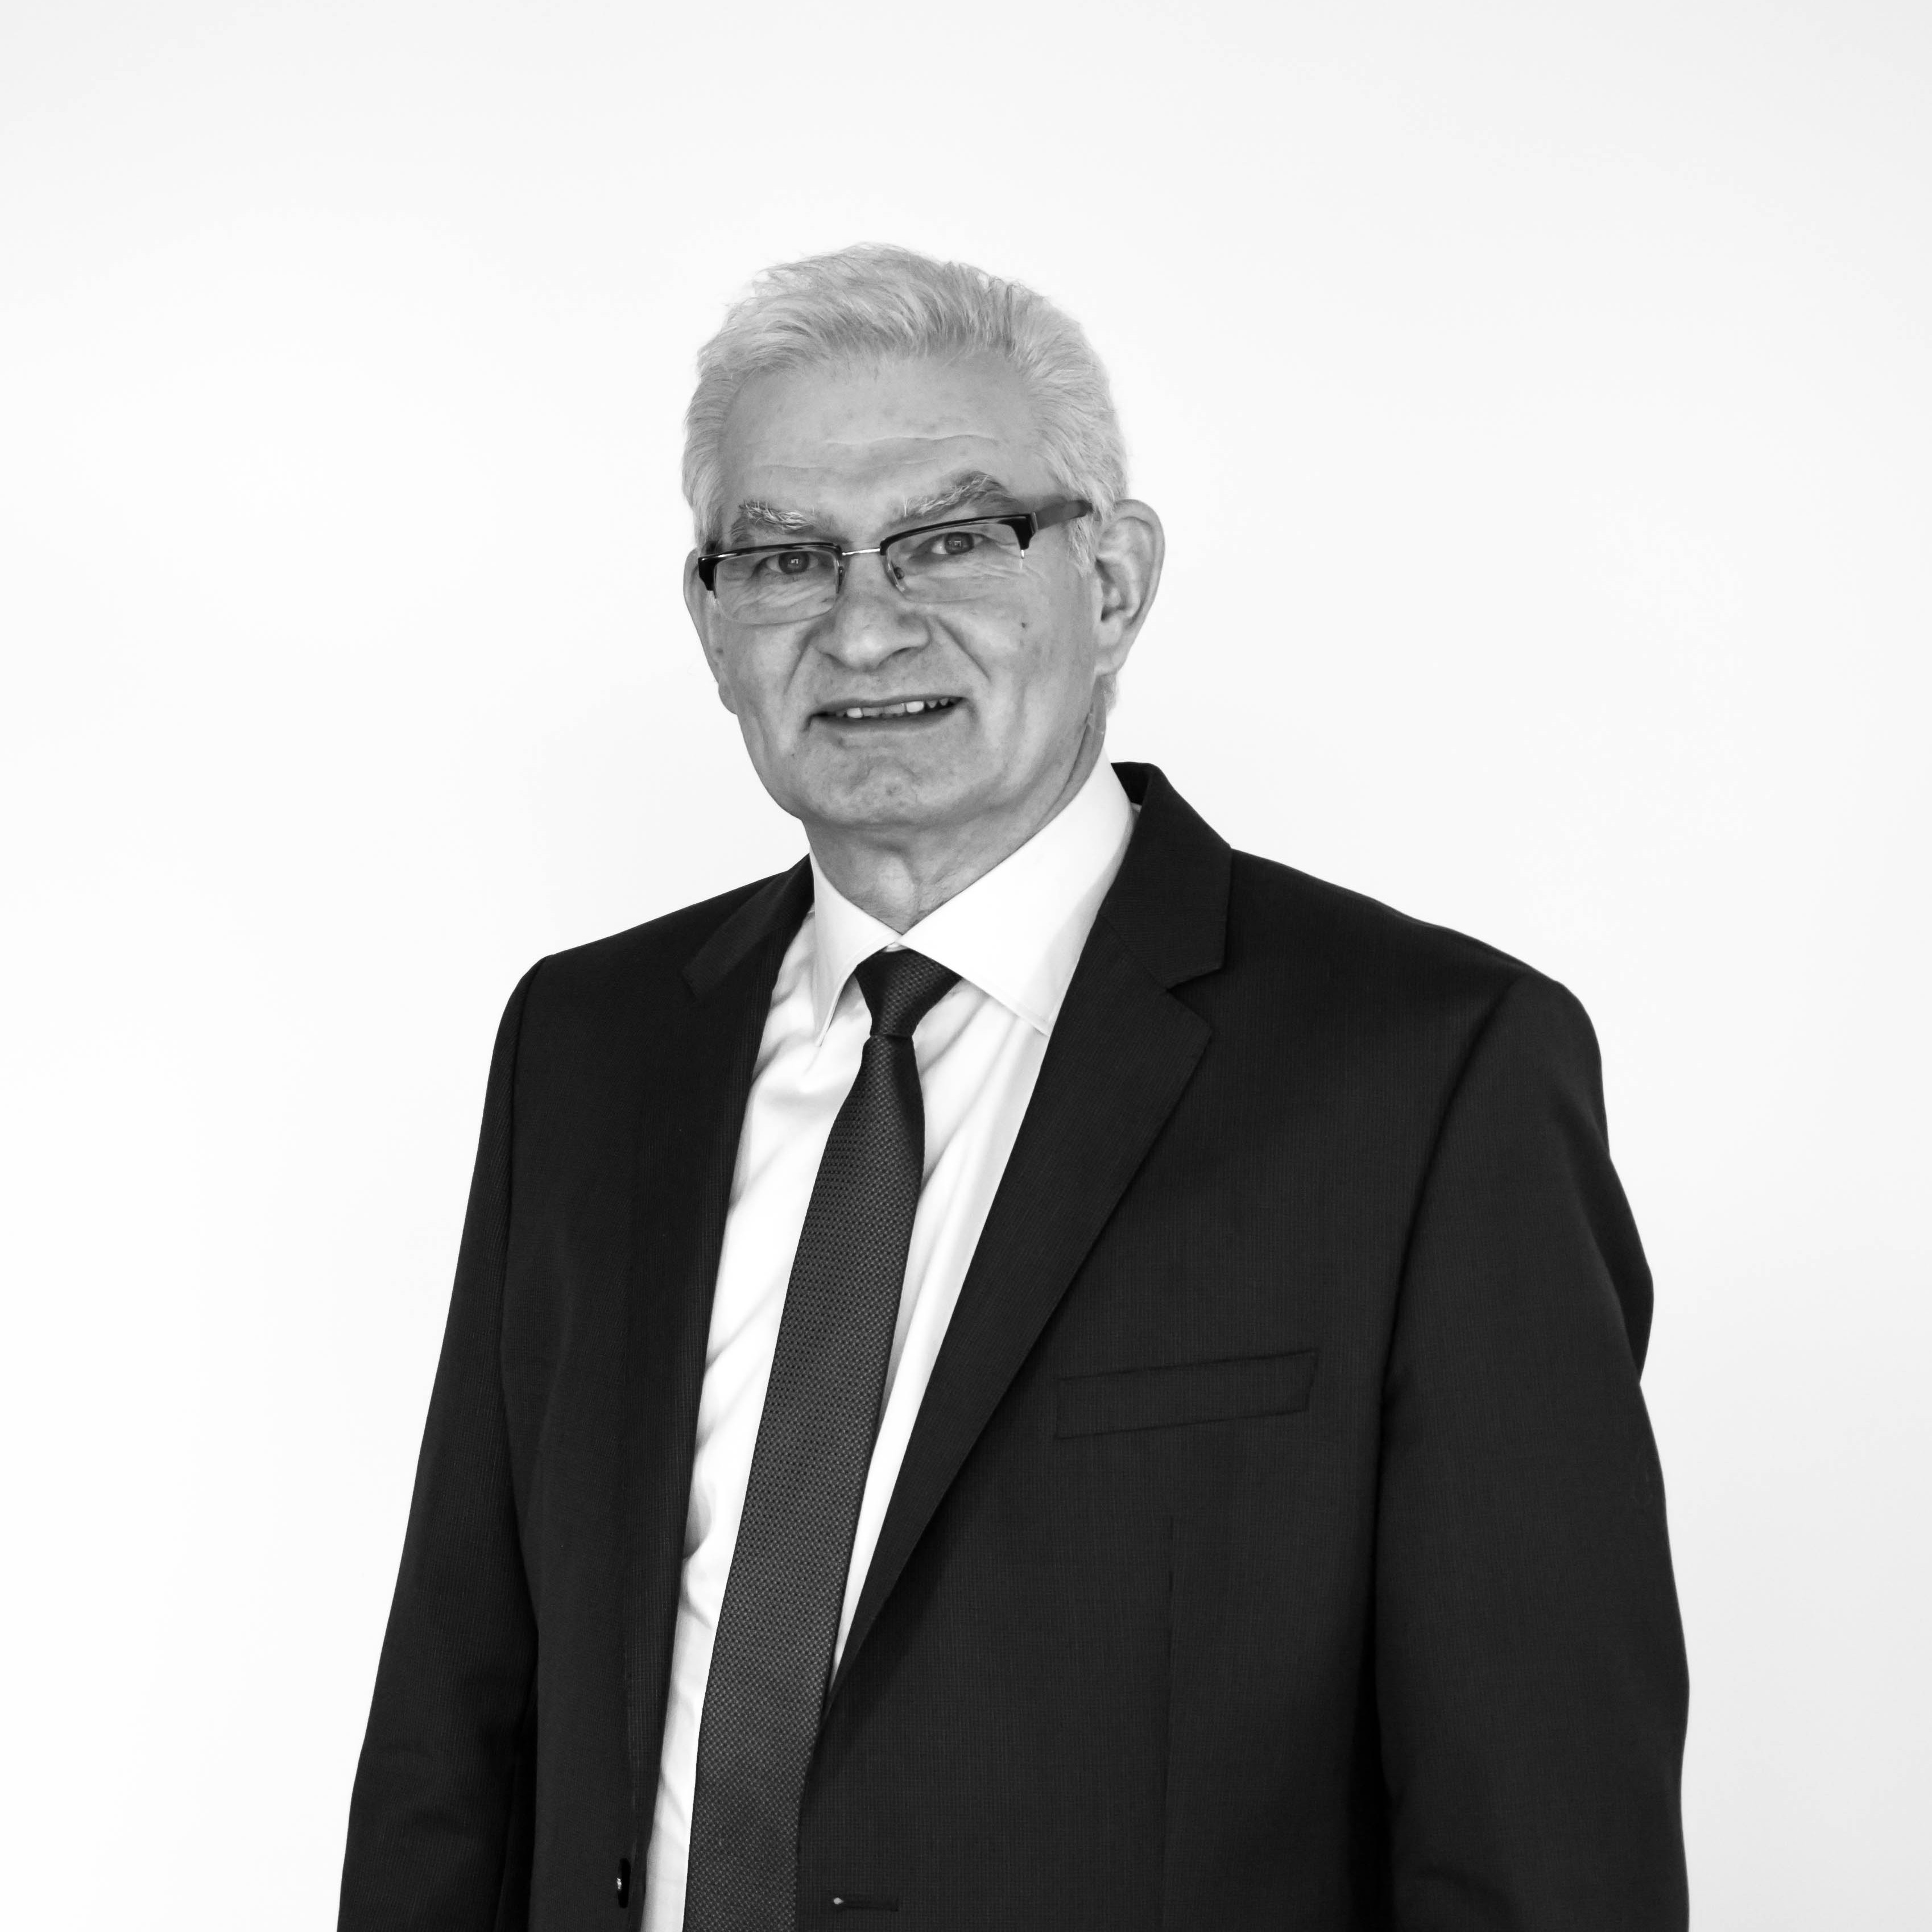 Jürgen Weitmeier